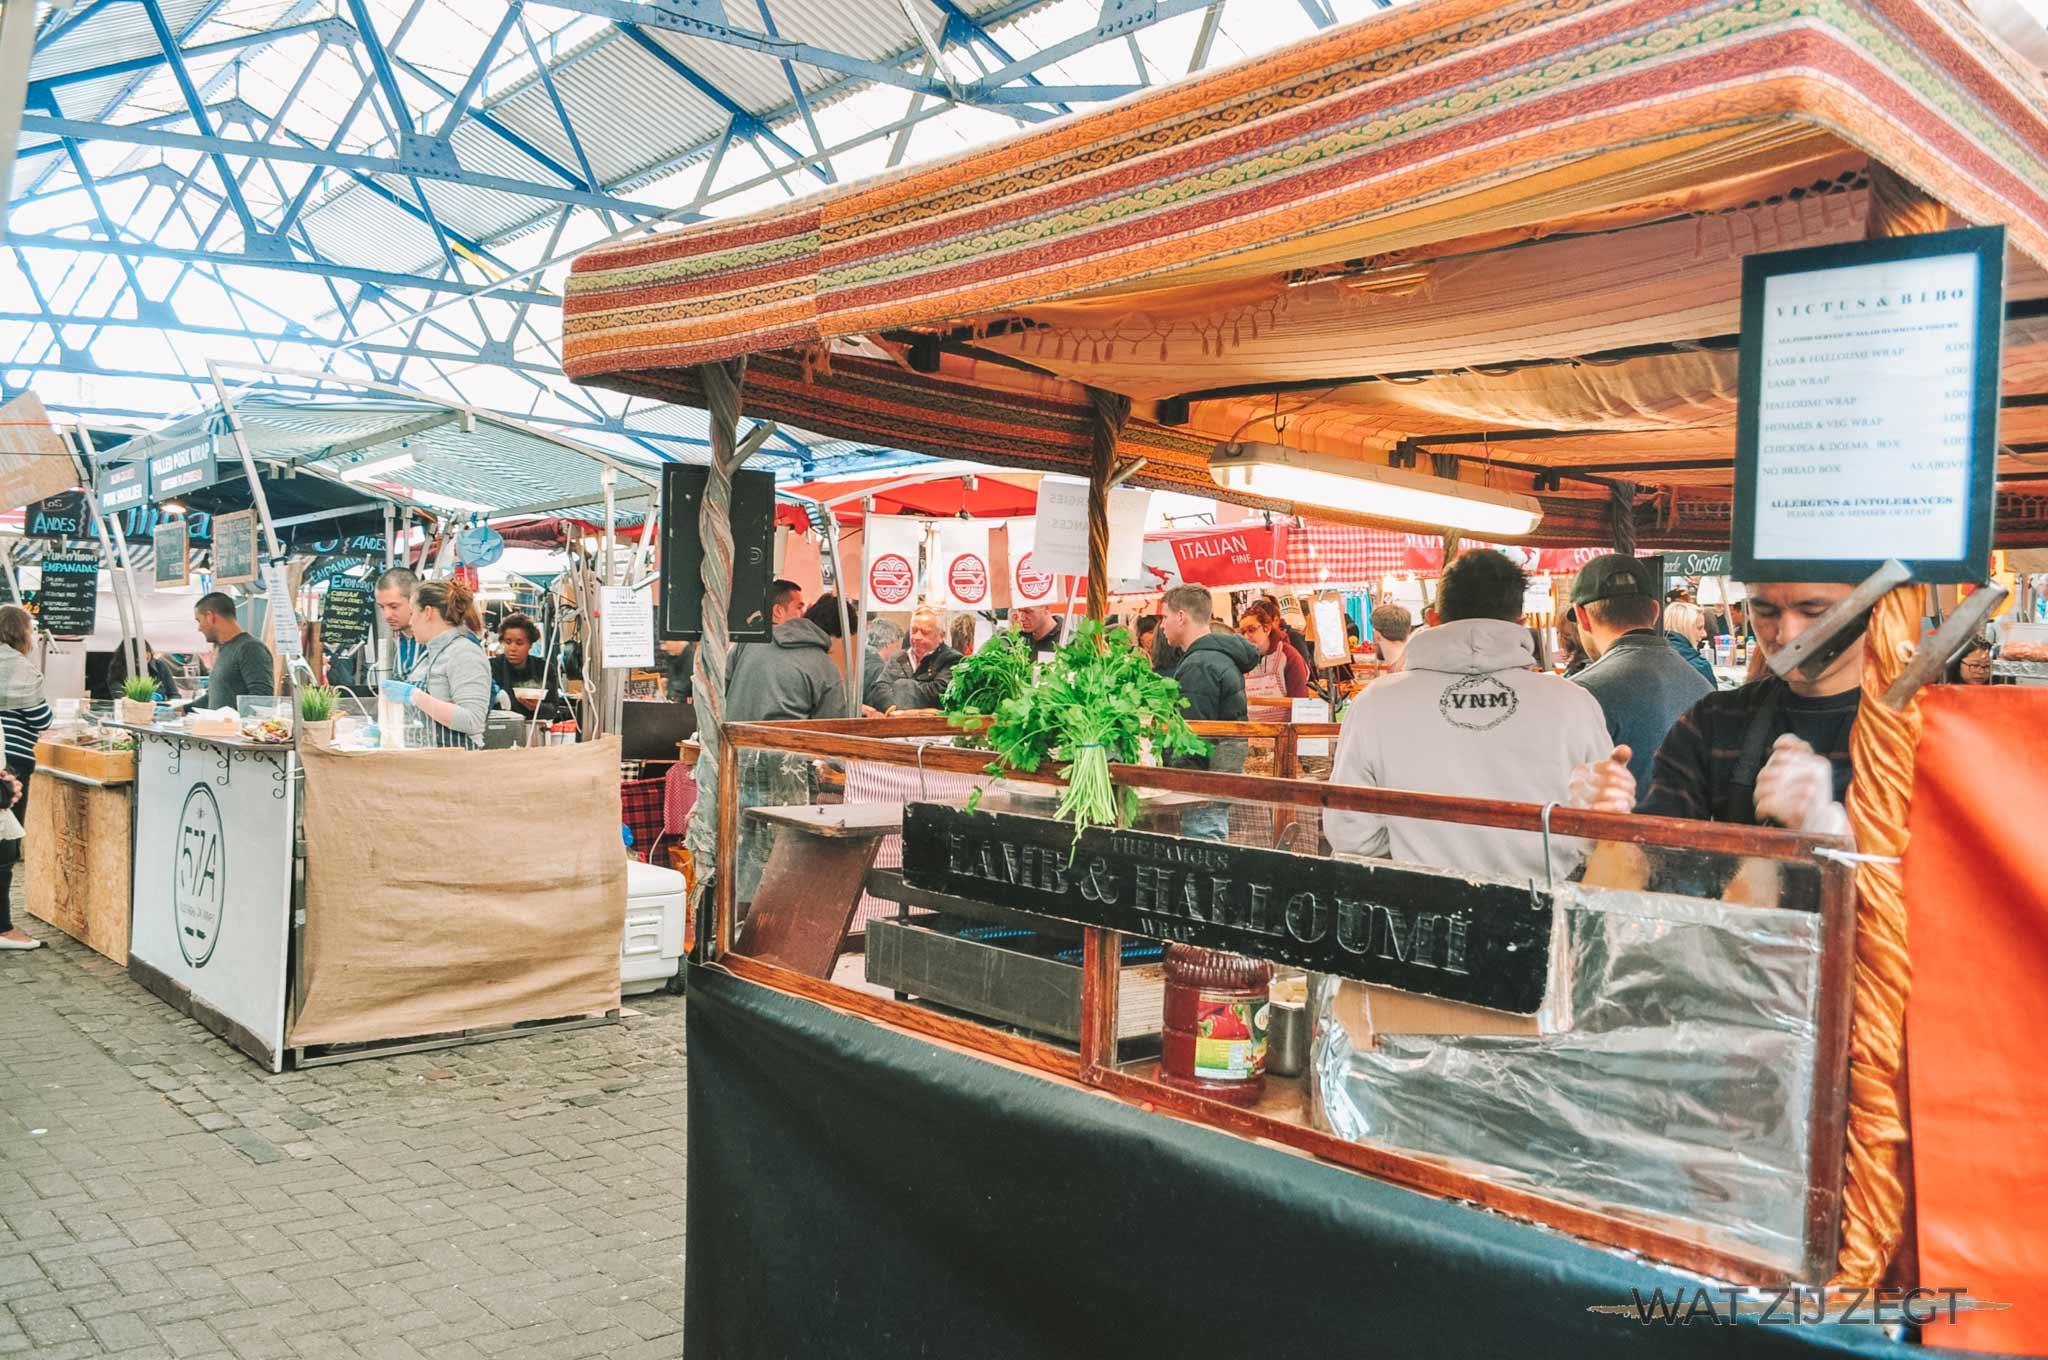 Greenwich Market Londen